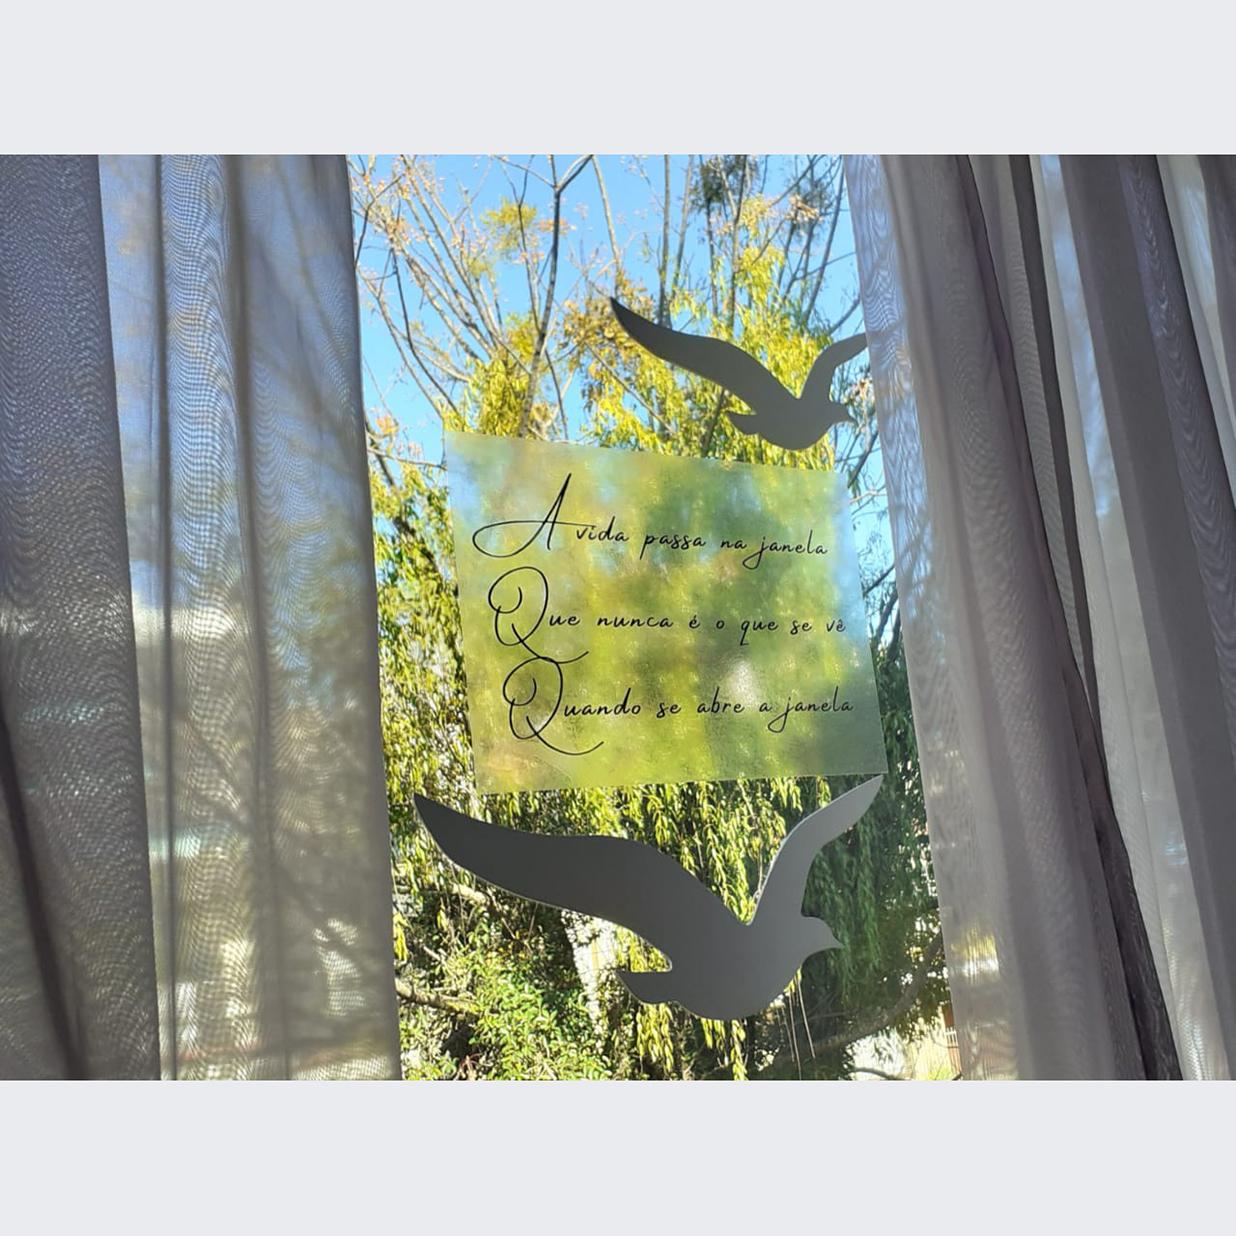 Noely Luft - Título: A vida passa na janela...